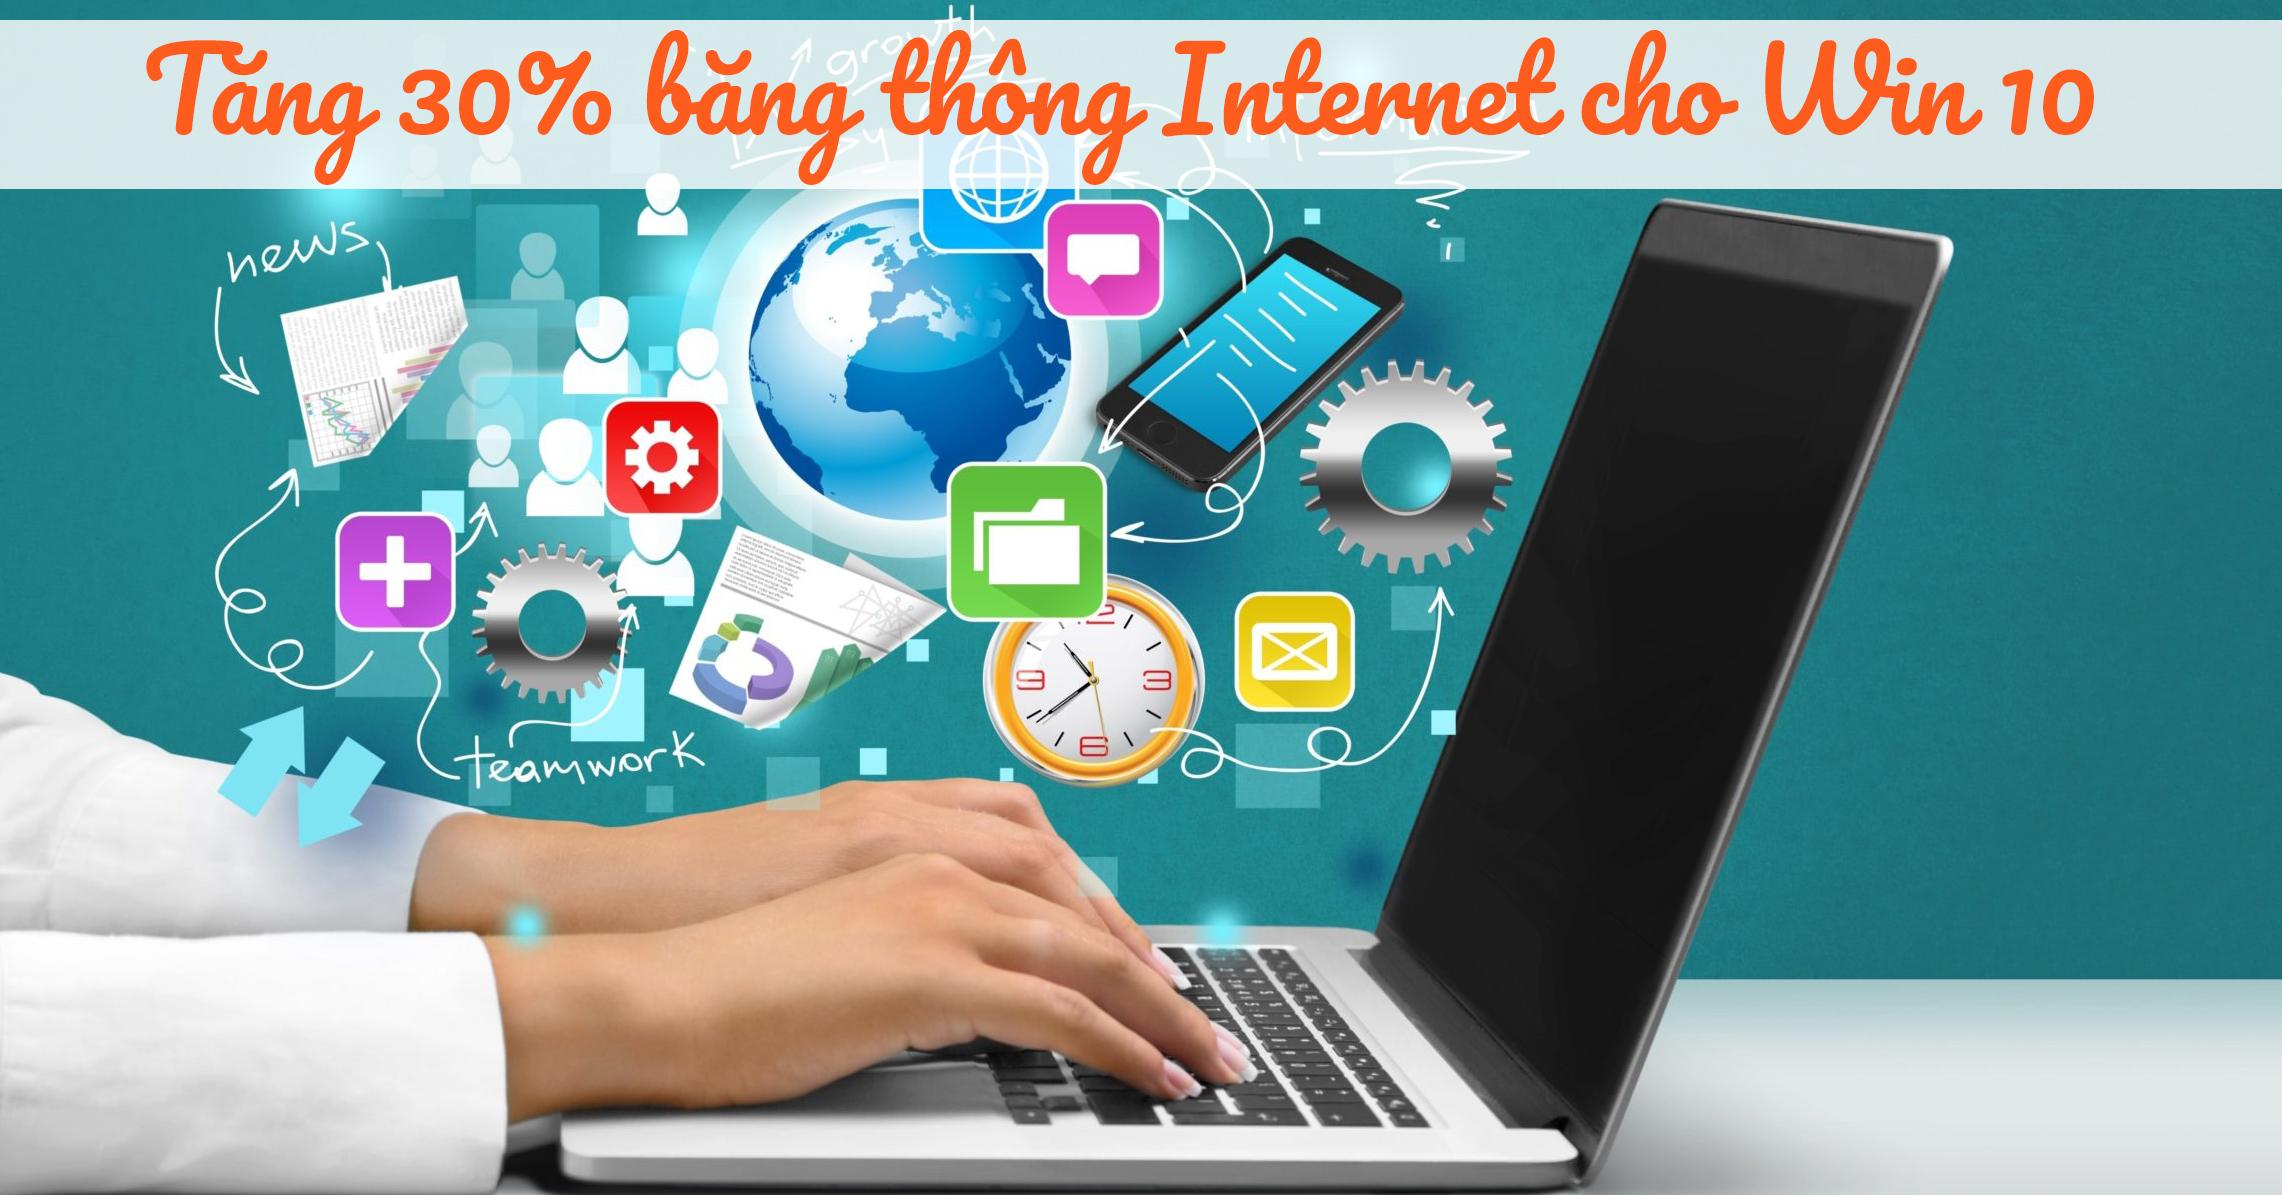 Sforum - Trang thông tin công nghệ mới nhất 1-10 Thủ thuật tăng 30% băng thông mạng Internet cho Windows 10!